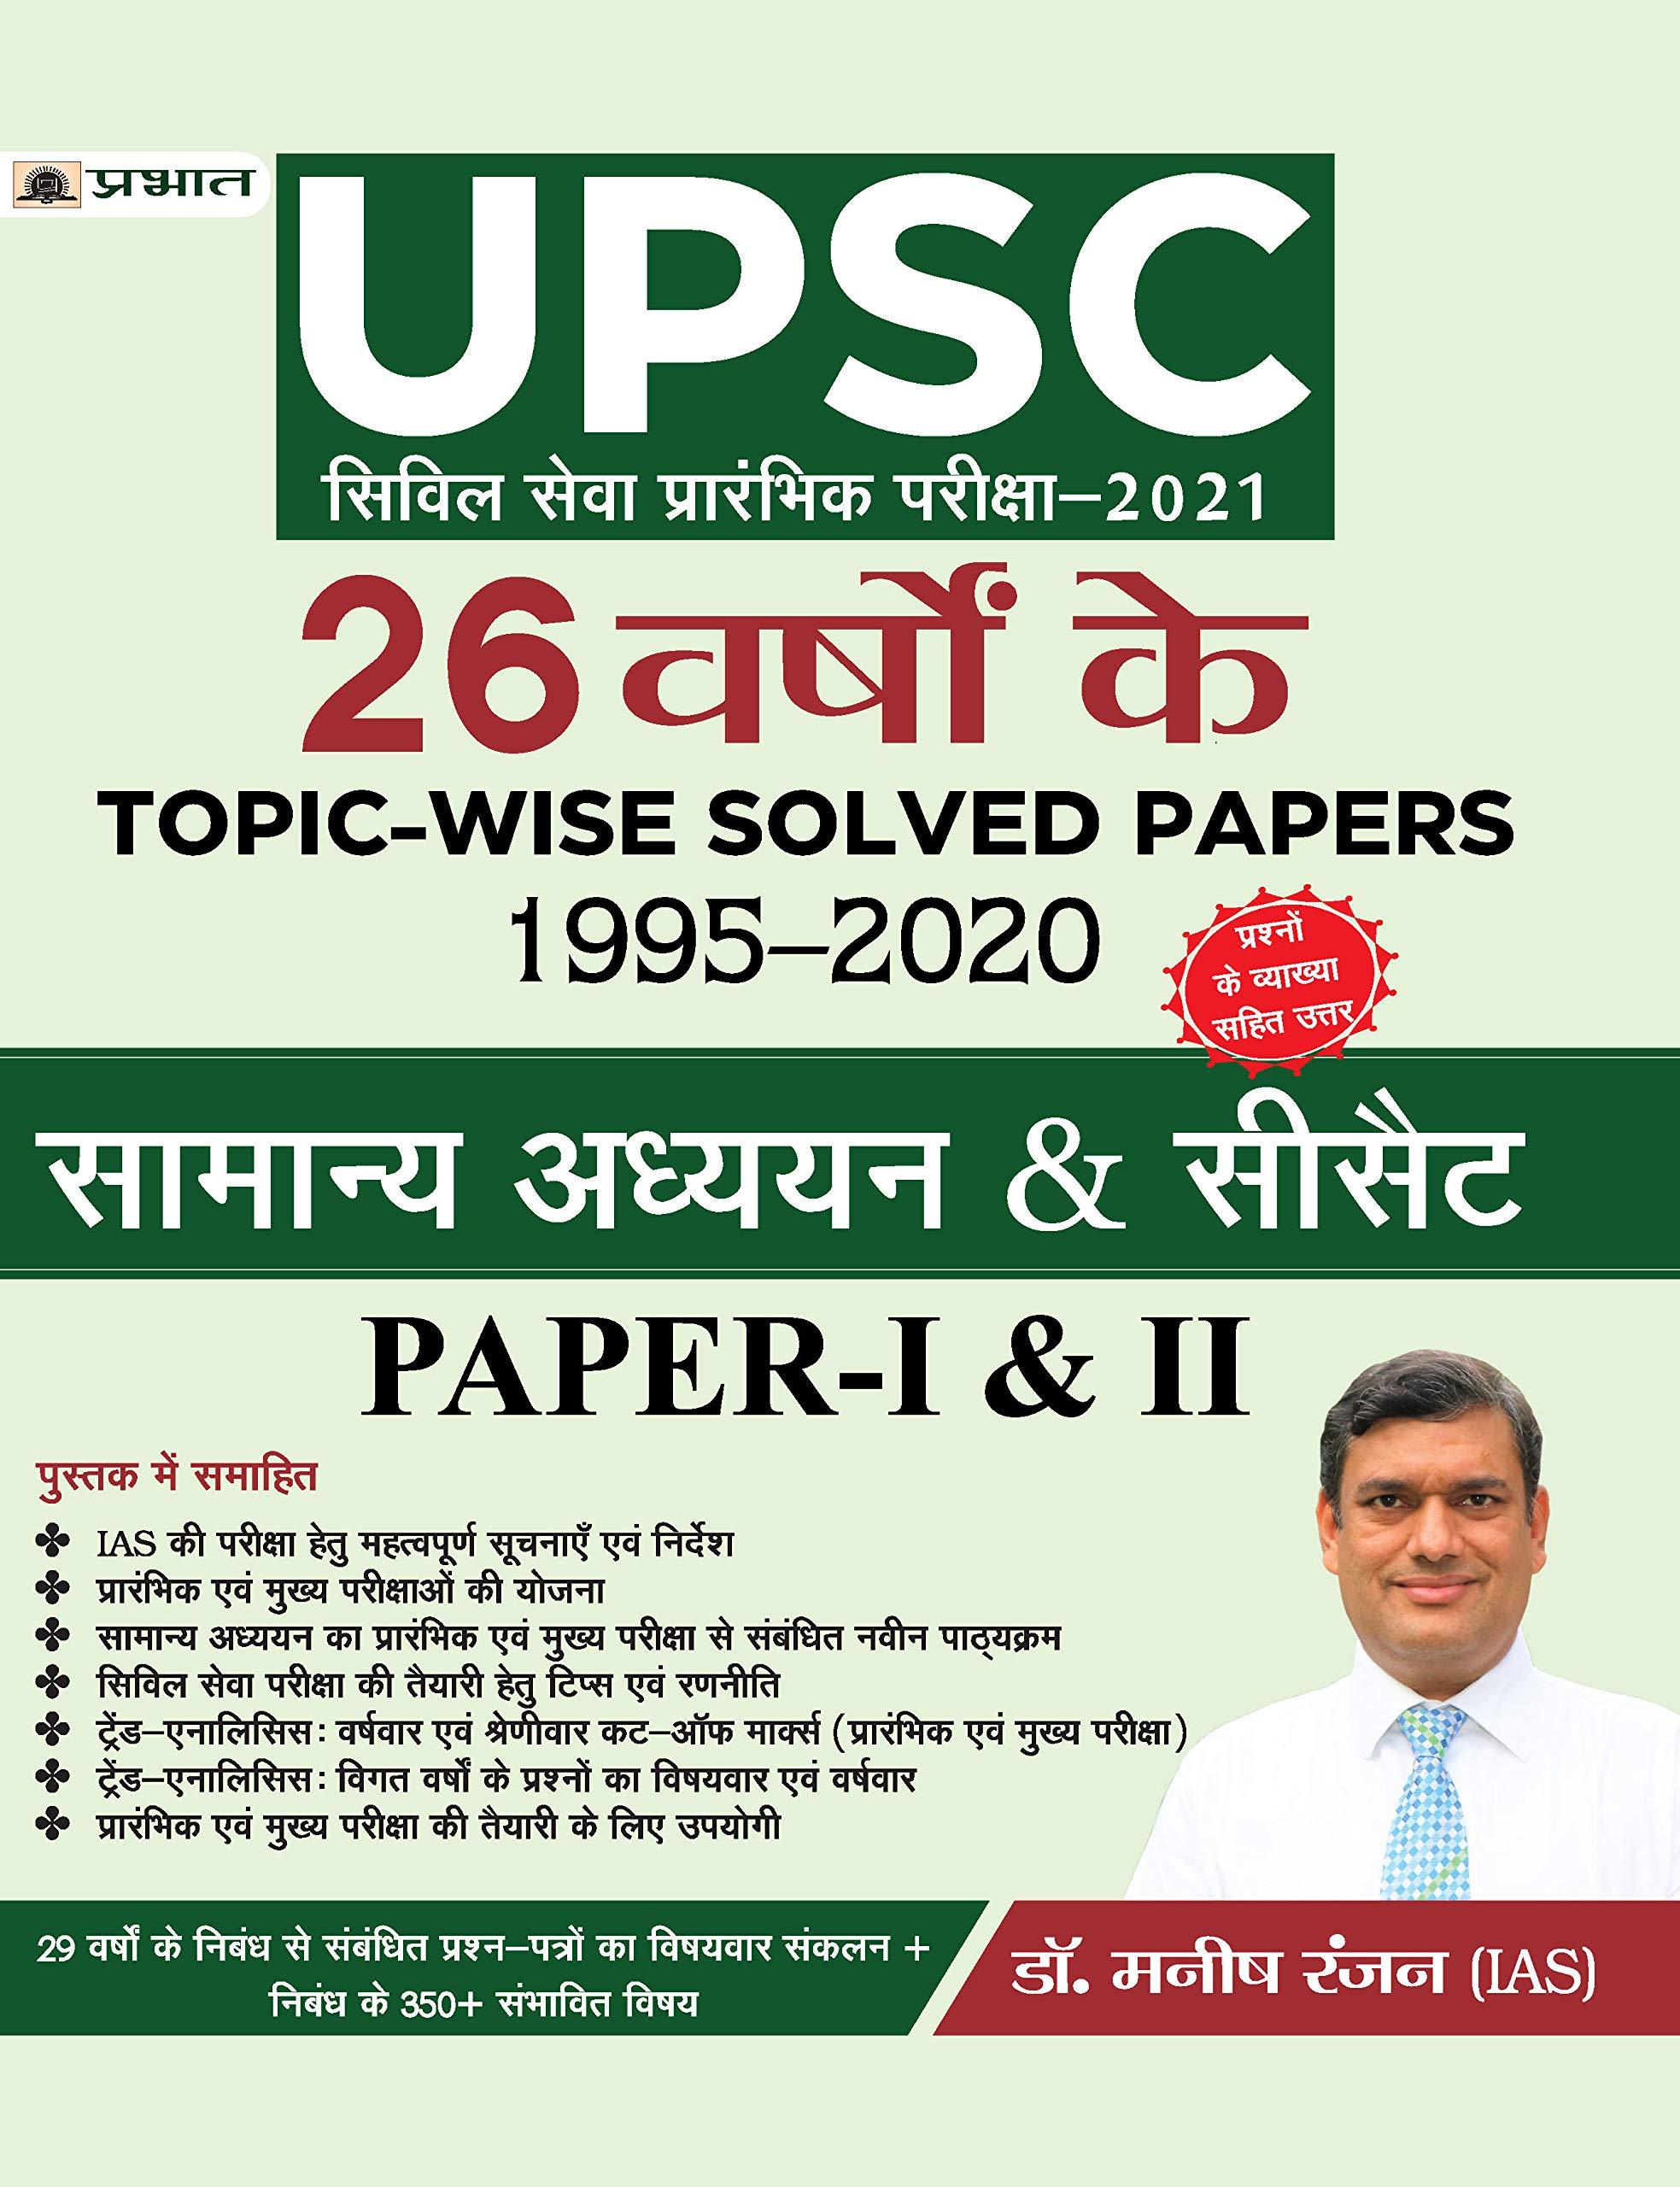 UPSC CIVIL SEVA PRARAMBHIK PARIKSHA-2021 26 Varshon Ke Topic-Wise Solved Papers 1995–2020 Samanya Adhyayan & CSAT Paper-I & II